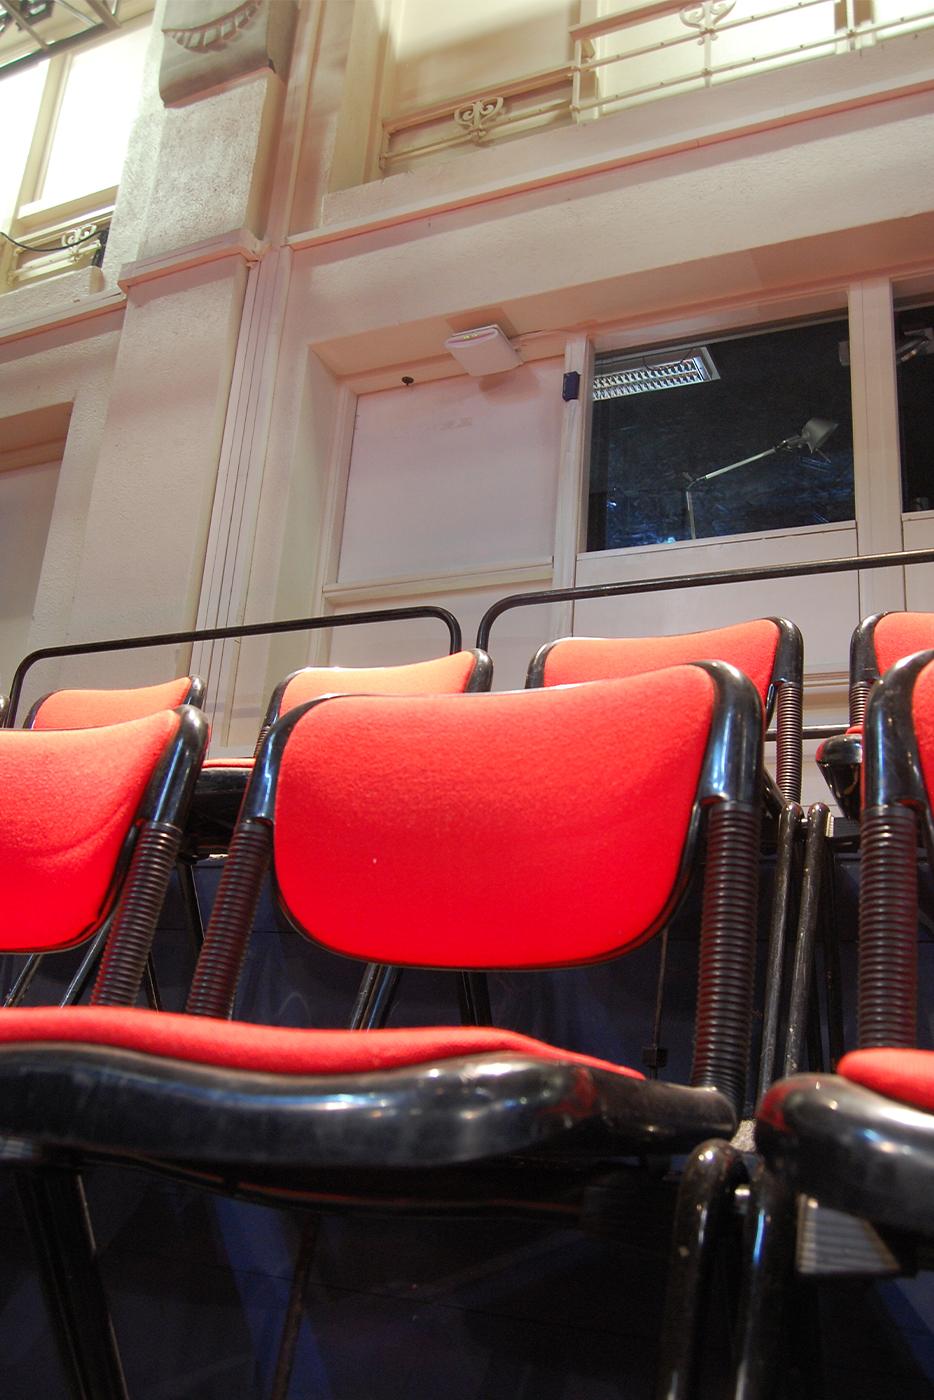 Casestudy Vlaams Cultuurhuis de Brakke Grond | Mooren Productief - Ruckus Business Case